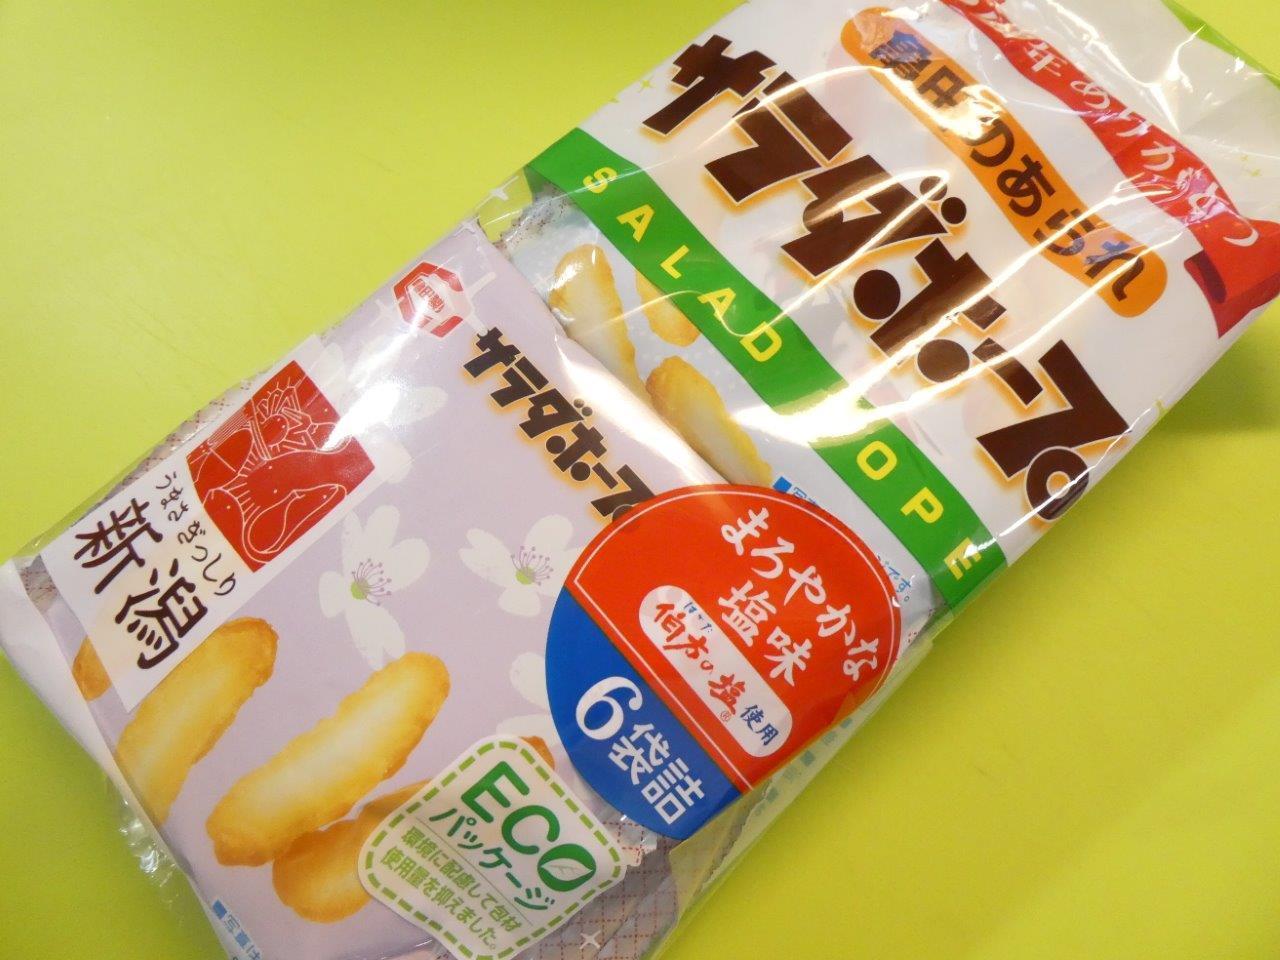 サラダホープ(大阪)亀田製菓 柿の種といえば。。。_d0106134_09523392.jpg